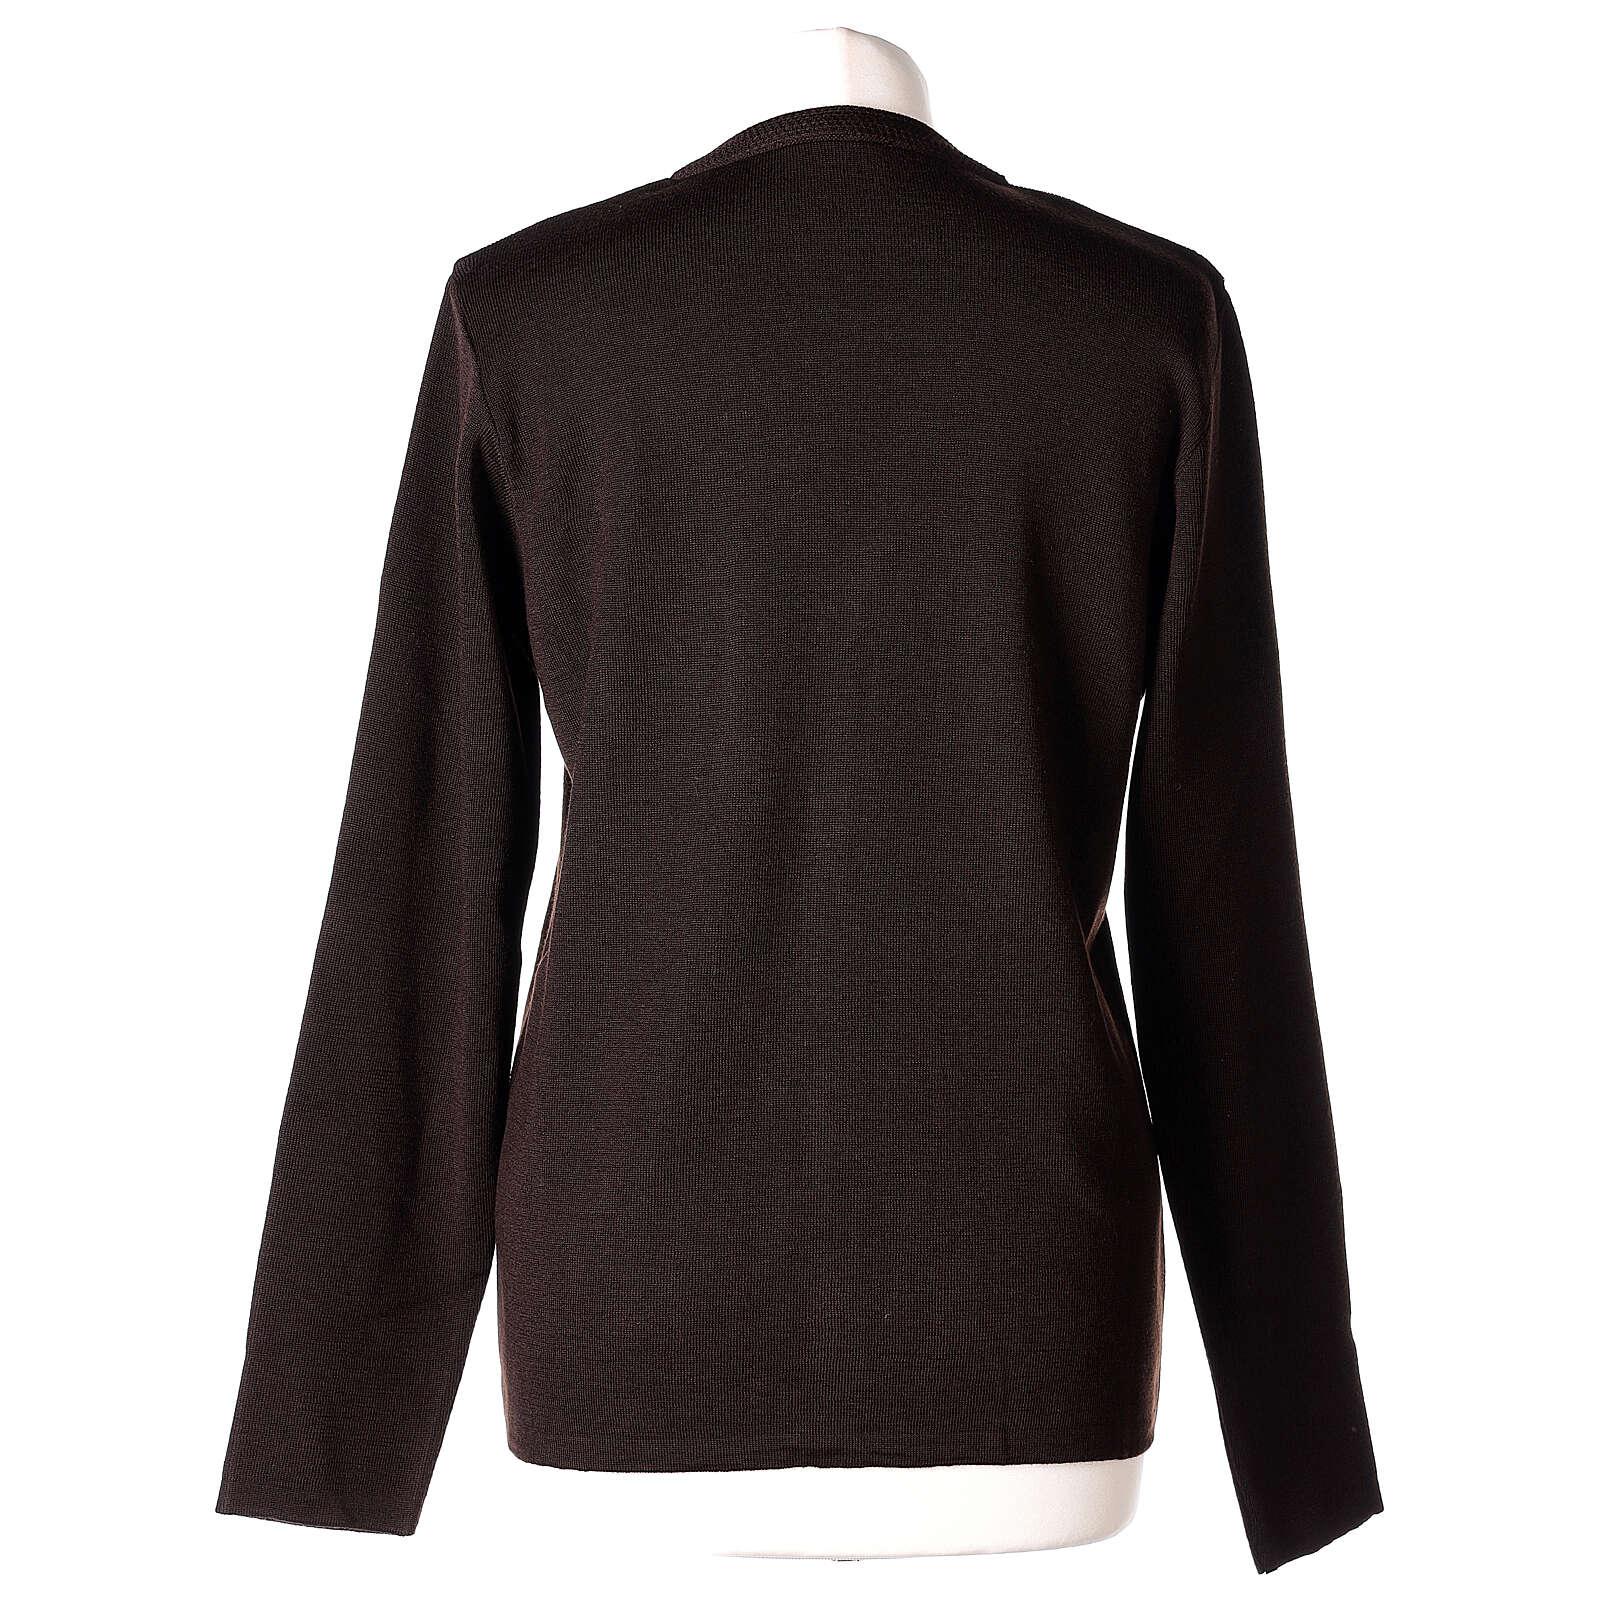 Cardigan soeur merron col en V poches jersey 50% acrylique 50 laine mérinos In Primis 4